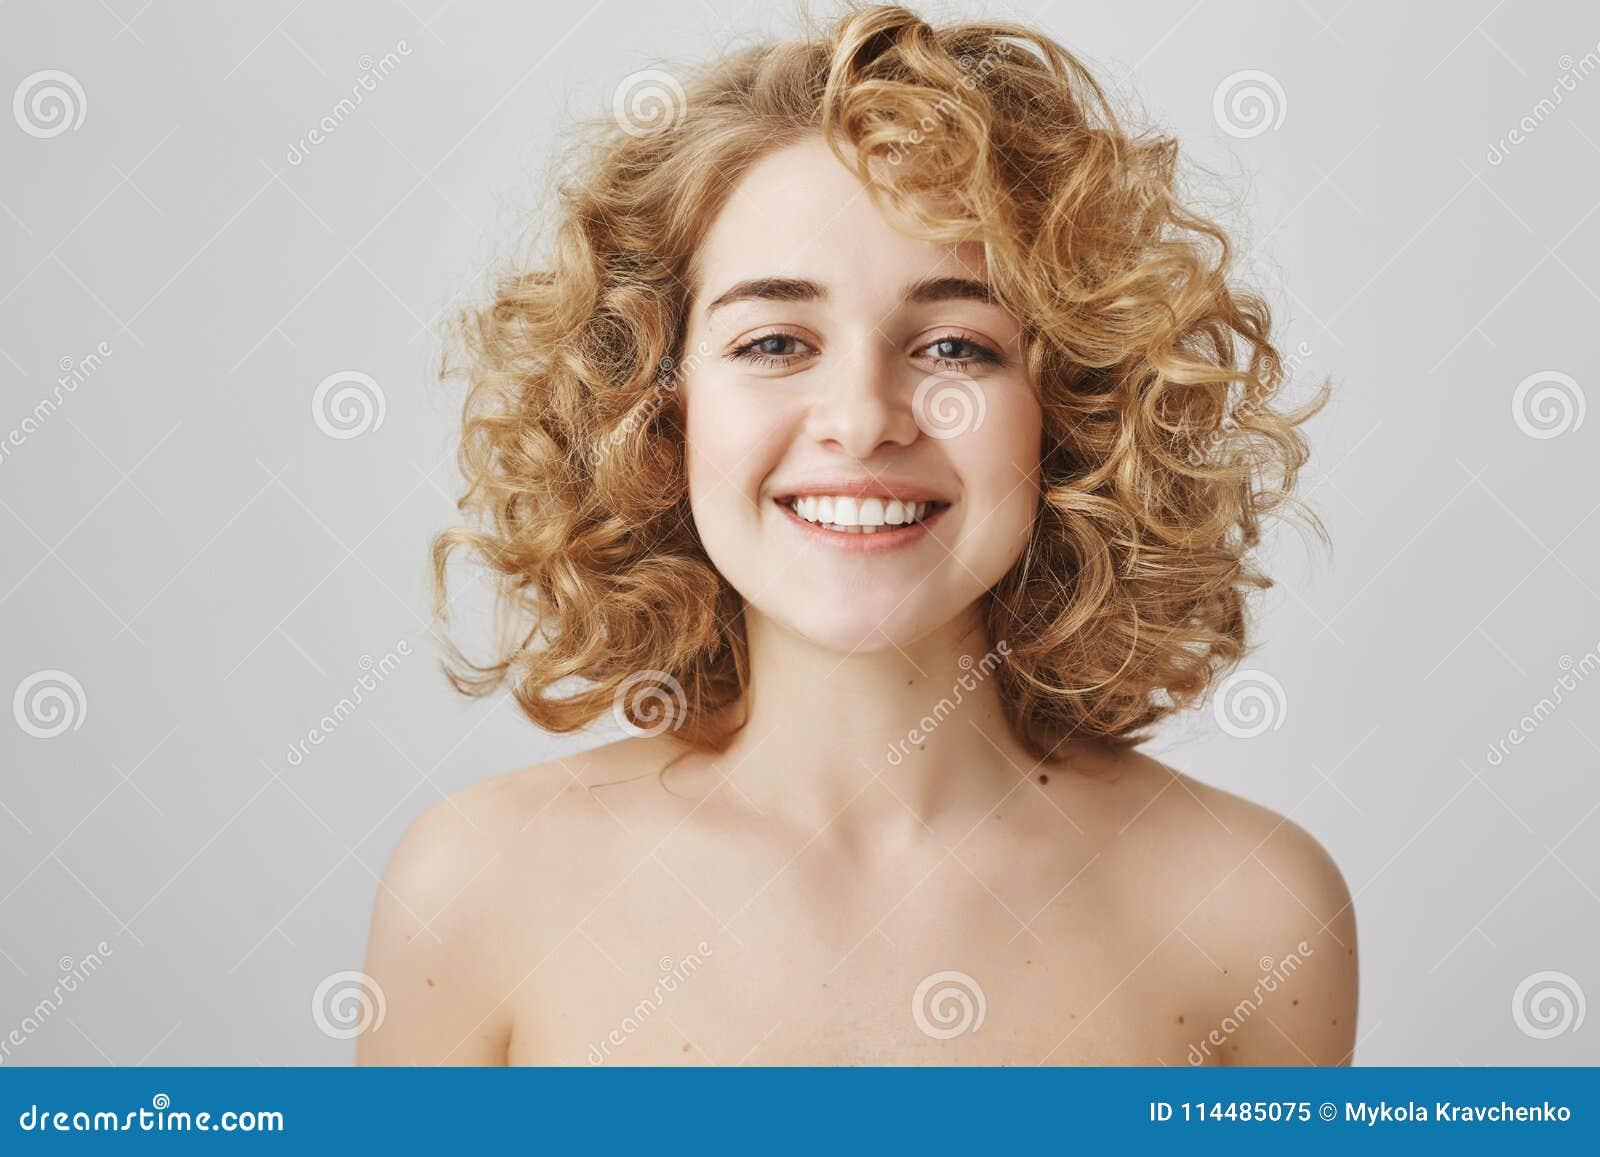 Mujer desnuda amas casa Nude Photos 95